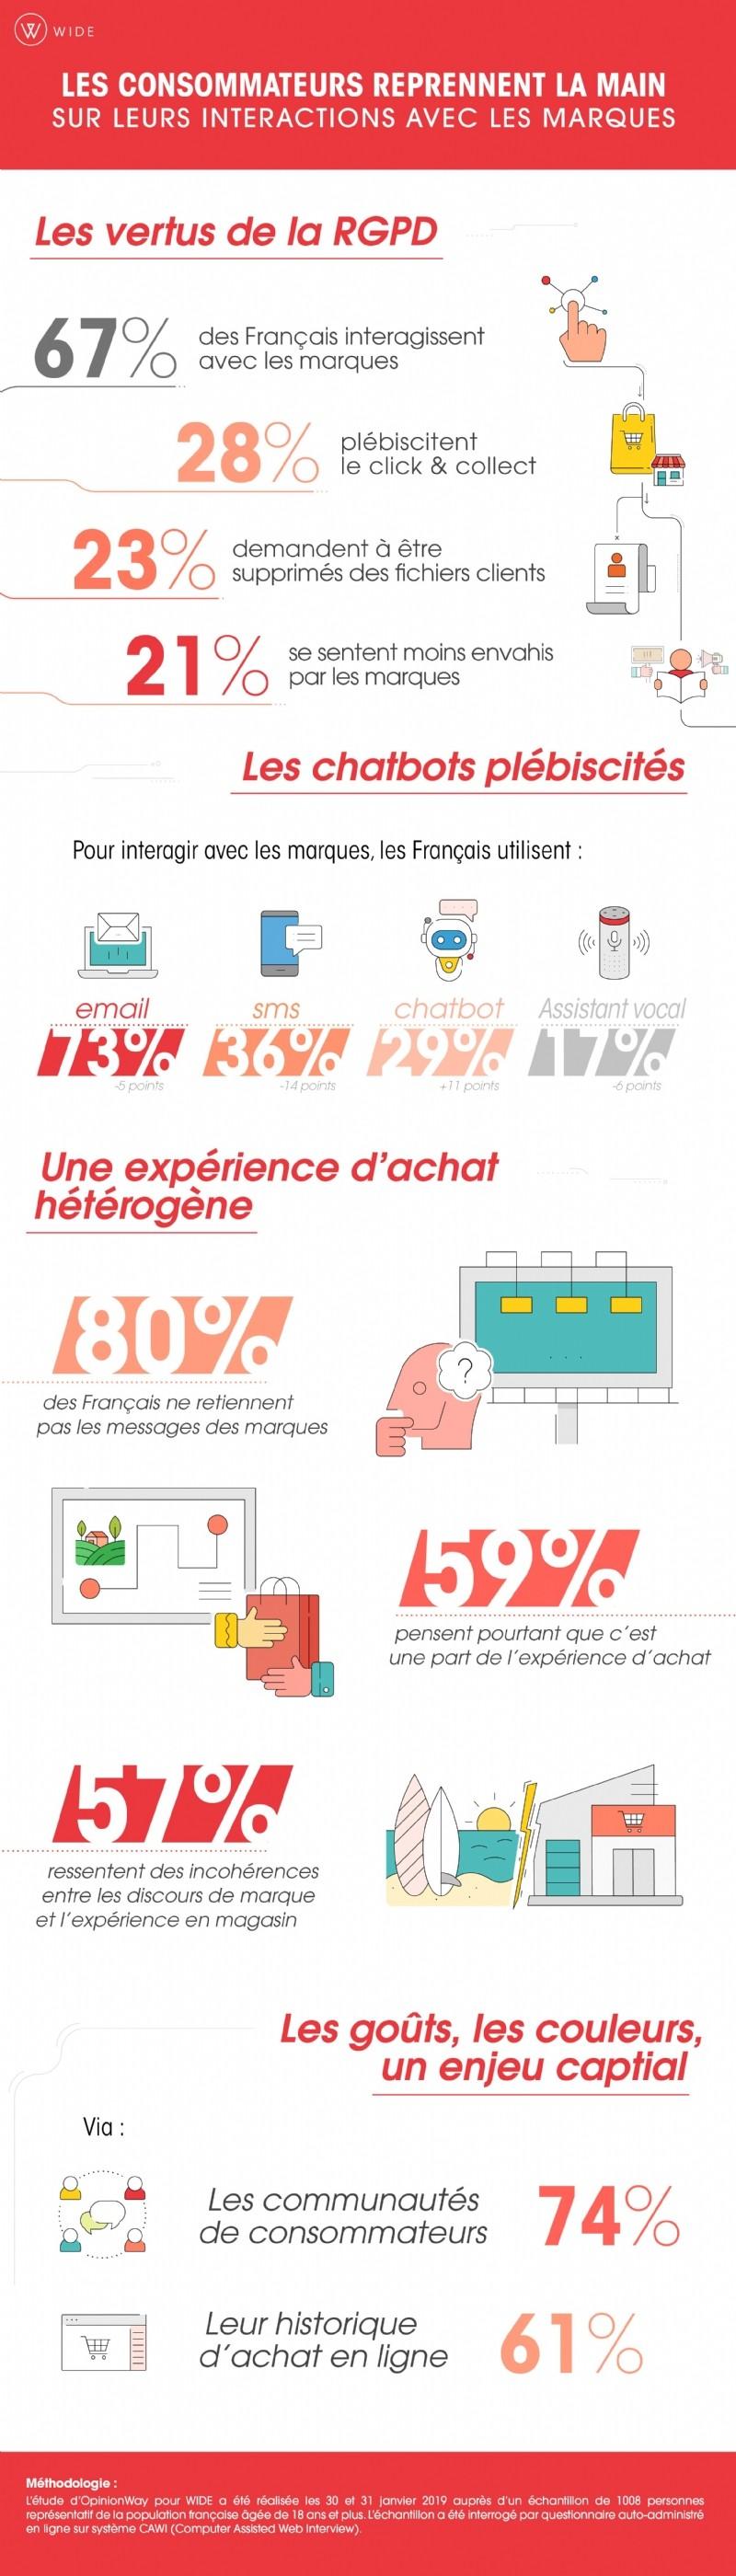 https://s1.edi-static.fr/Img/INFOGRAPHIE/2019/5/339959/Les-consommateurs-reprennent-pouvoir-leurs-interactions-marques-F.jpg